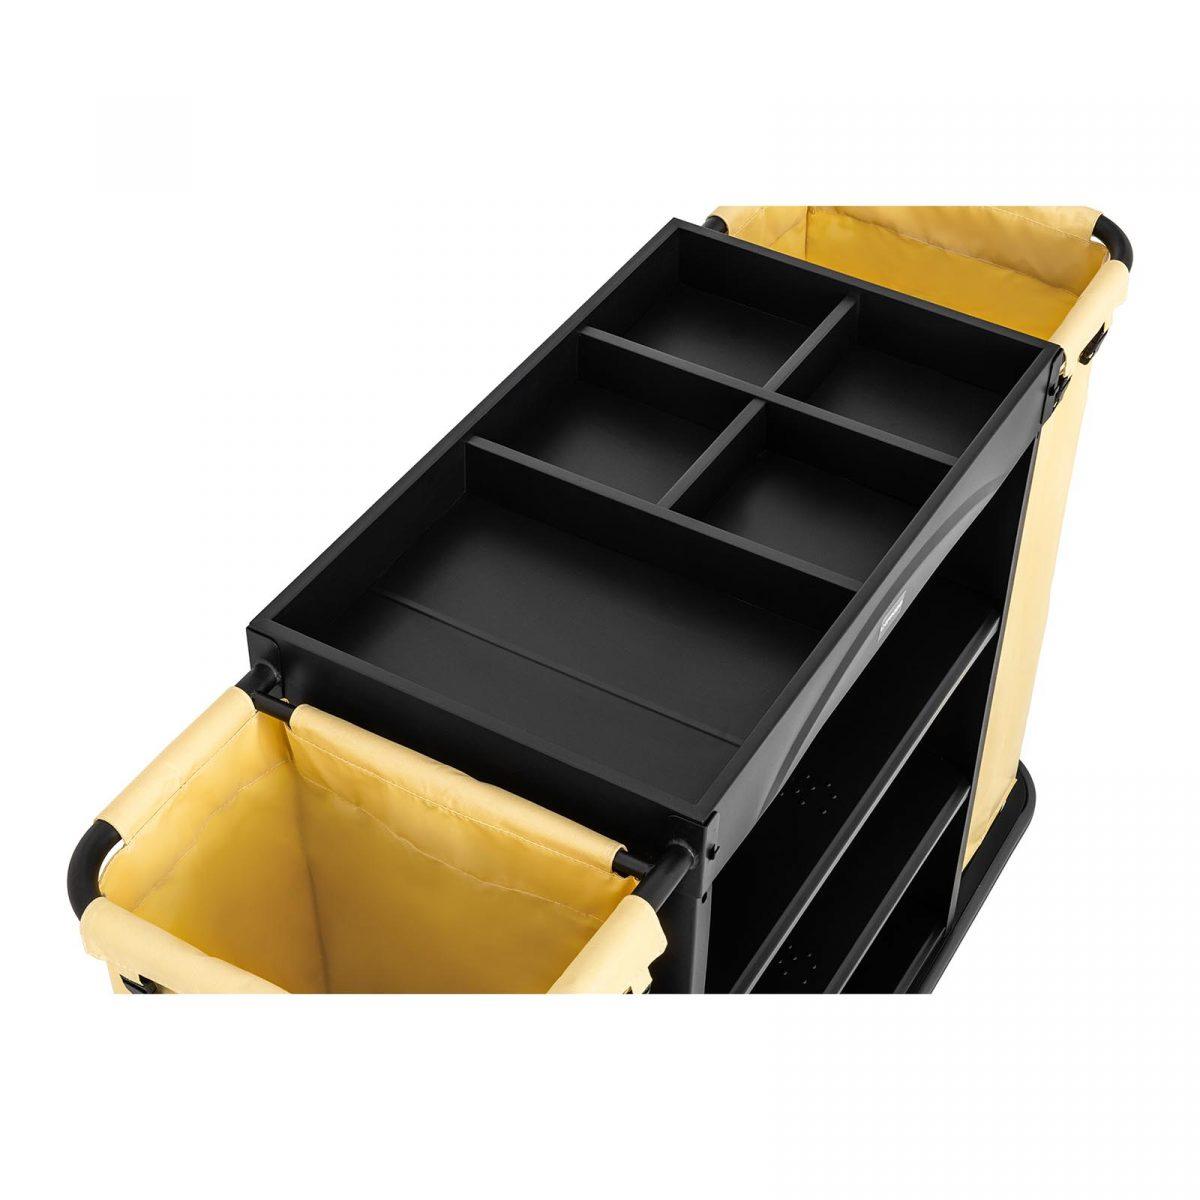 Hotelový vozík pre chyžné 2 vrecia na prádlo   nosnosť 150 kg, pevná oceľová konštrukcia, 4 kolesá s rotáciou 360° s brzdou, 3 odkladacie plochy.